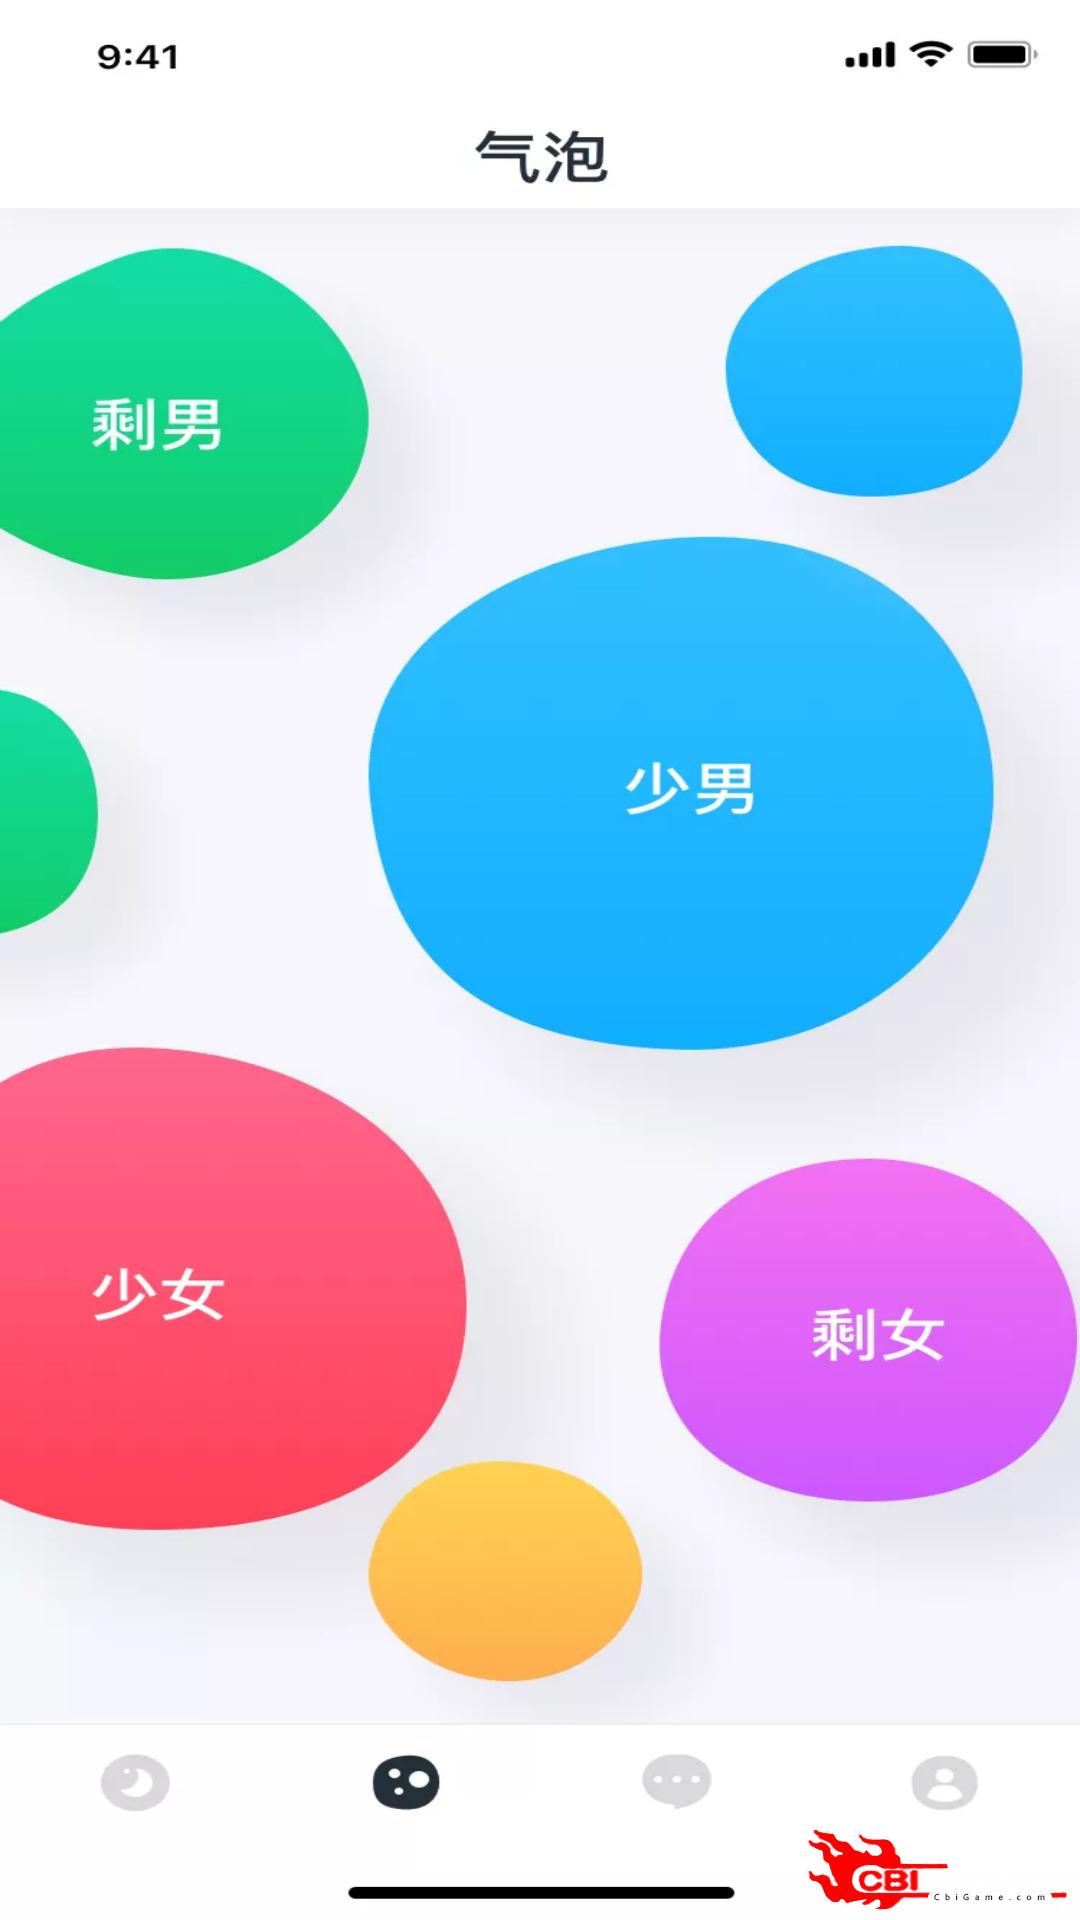 虾漫社交软件图0